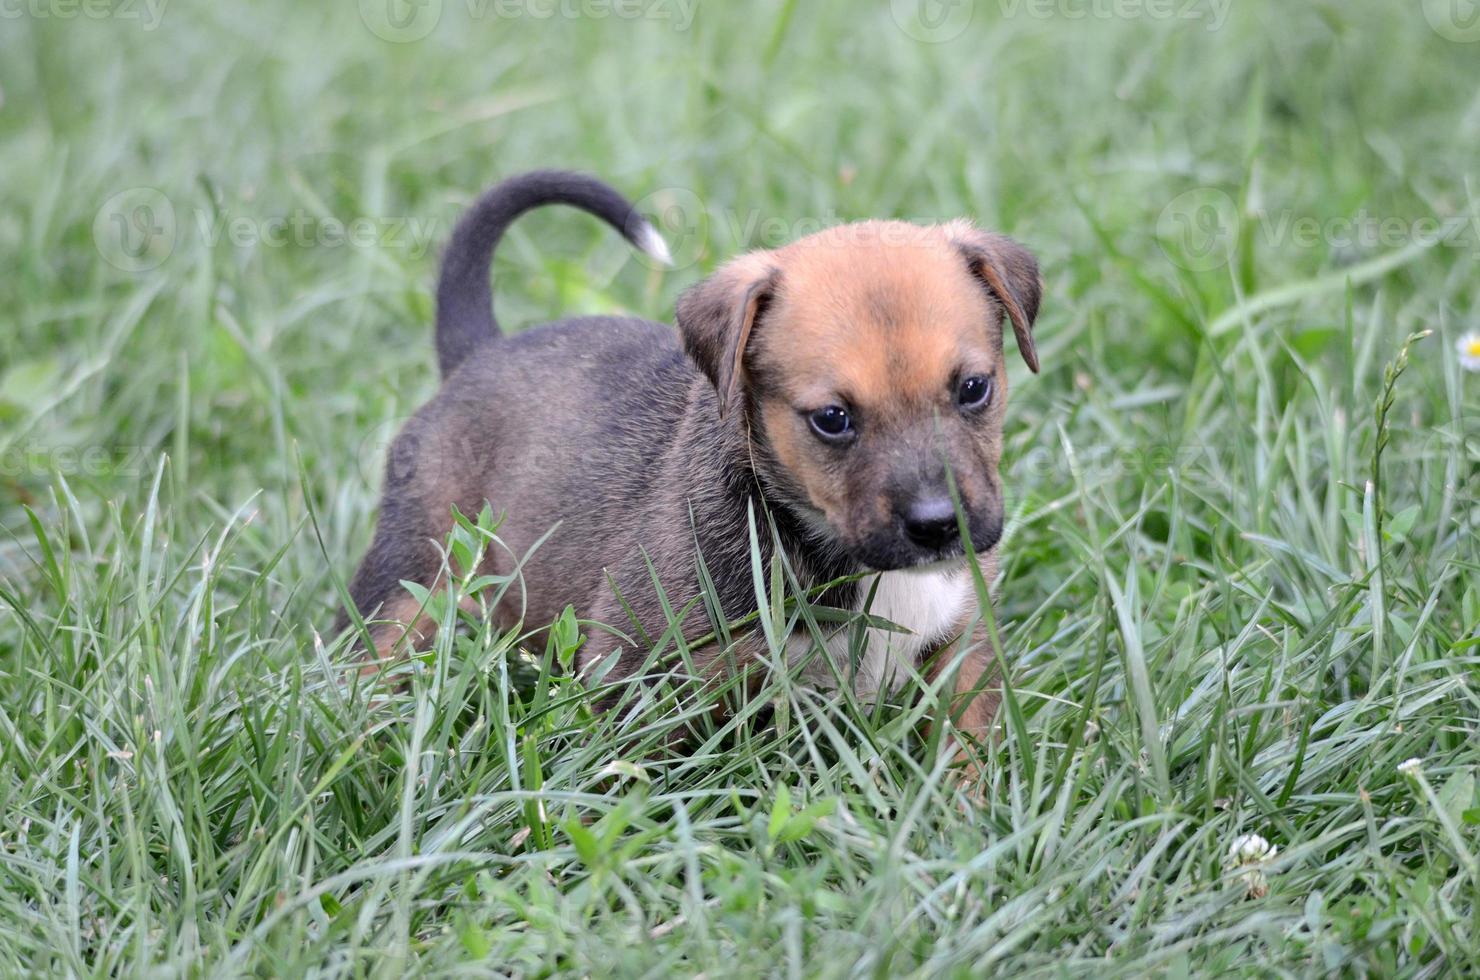 Cute amstaff puppy photo